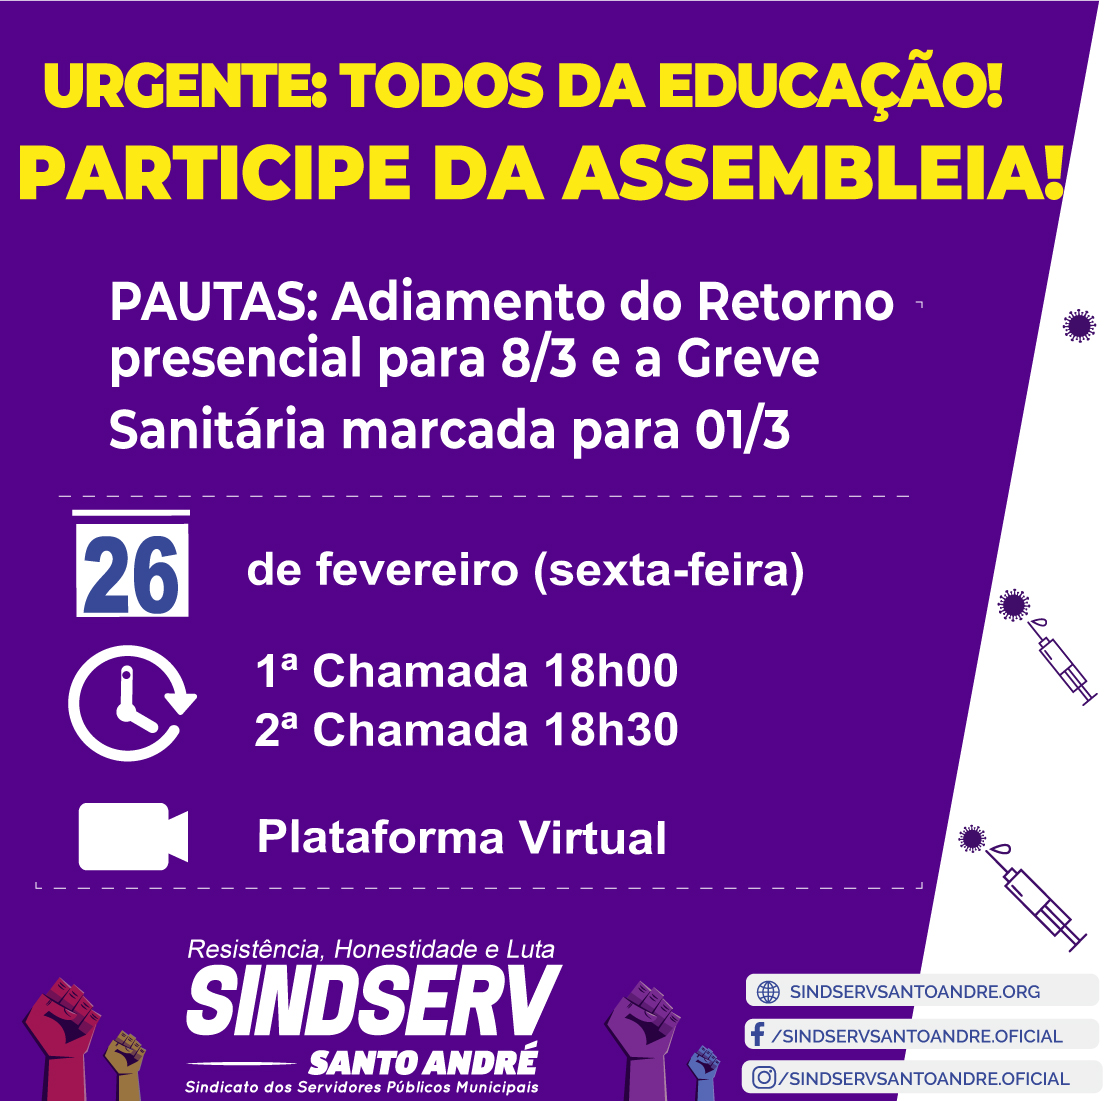 Imagem de Sindserv Santo André realiza Assembleia Virtual com trabalhadores da Educação nesta sexta (26)